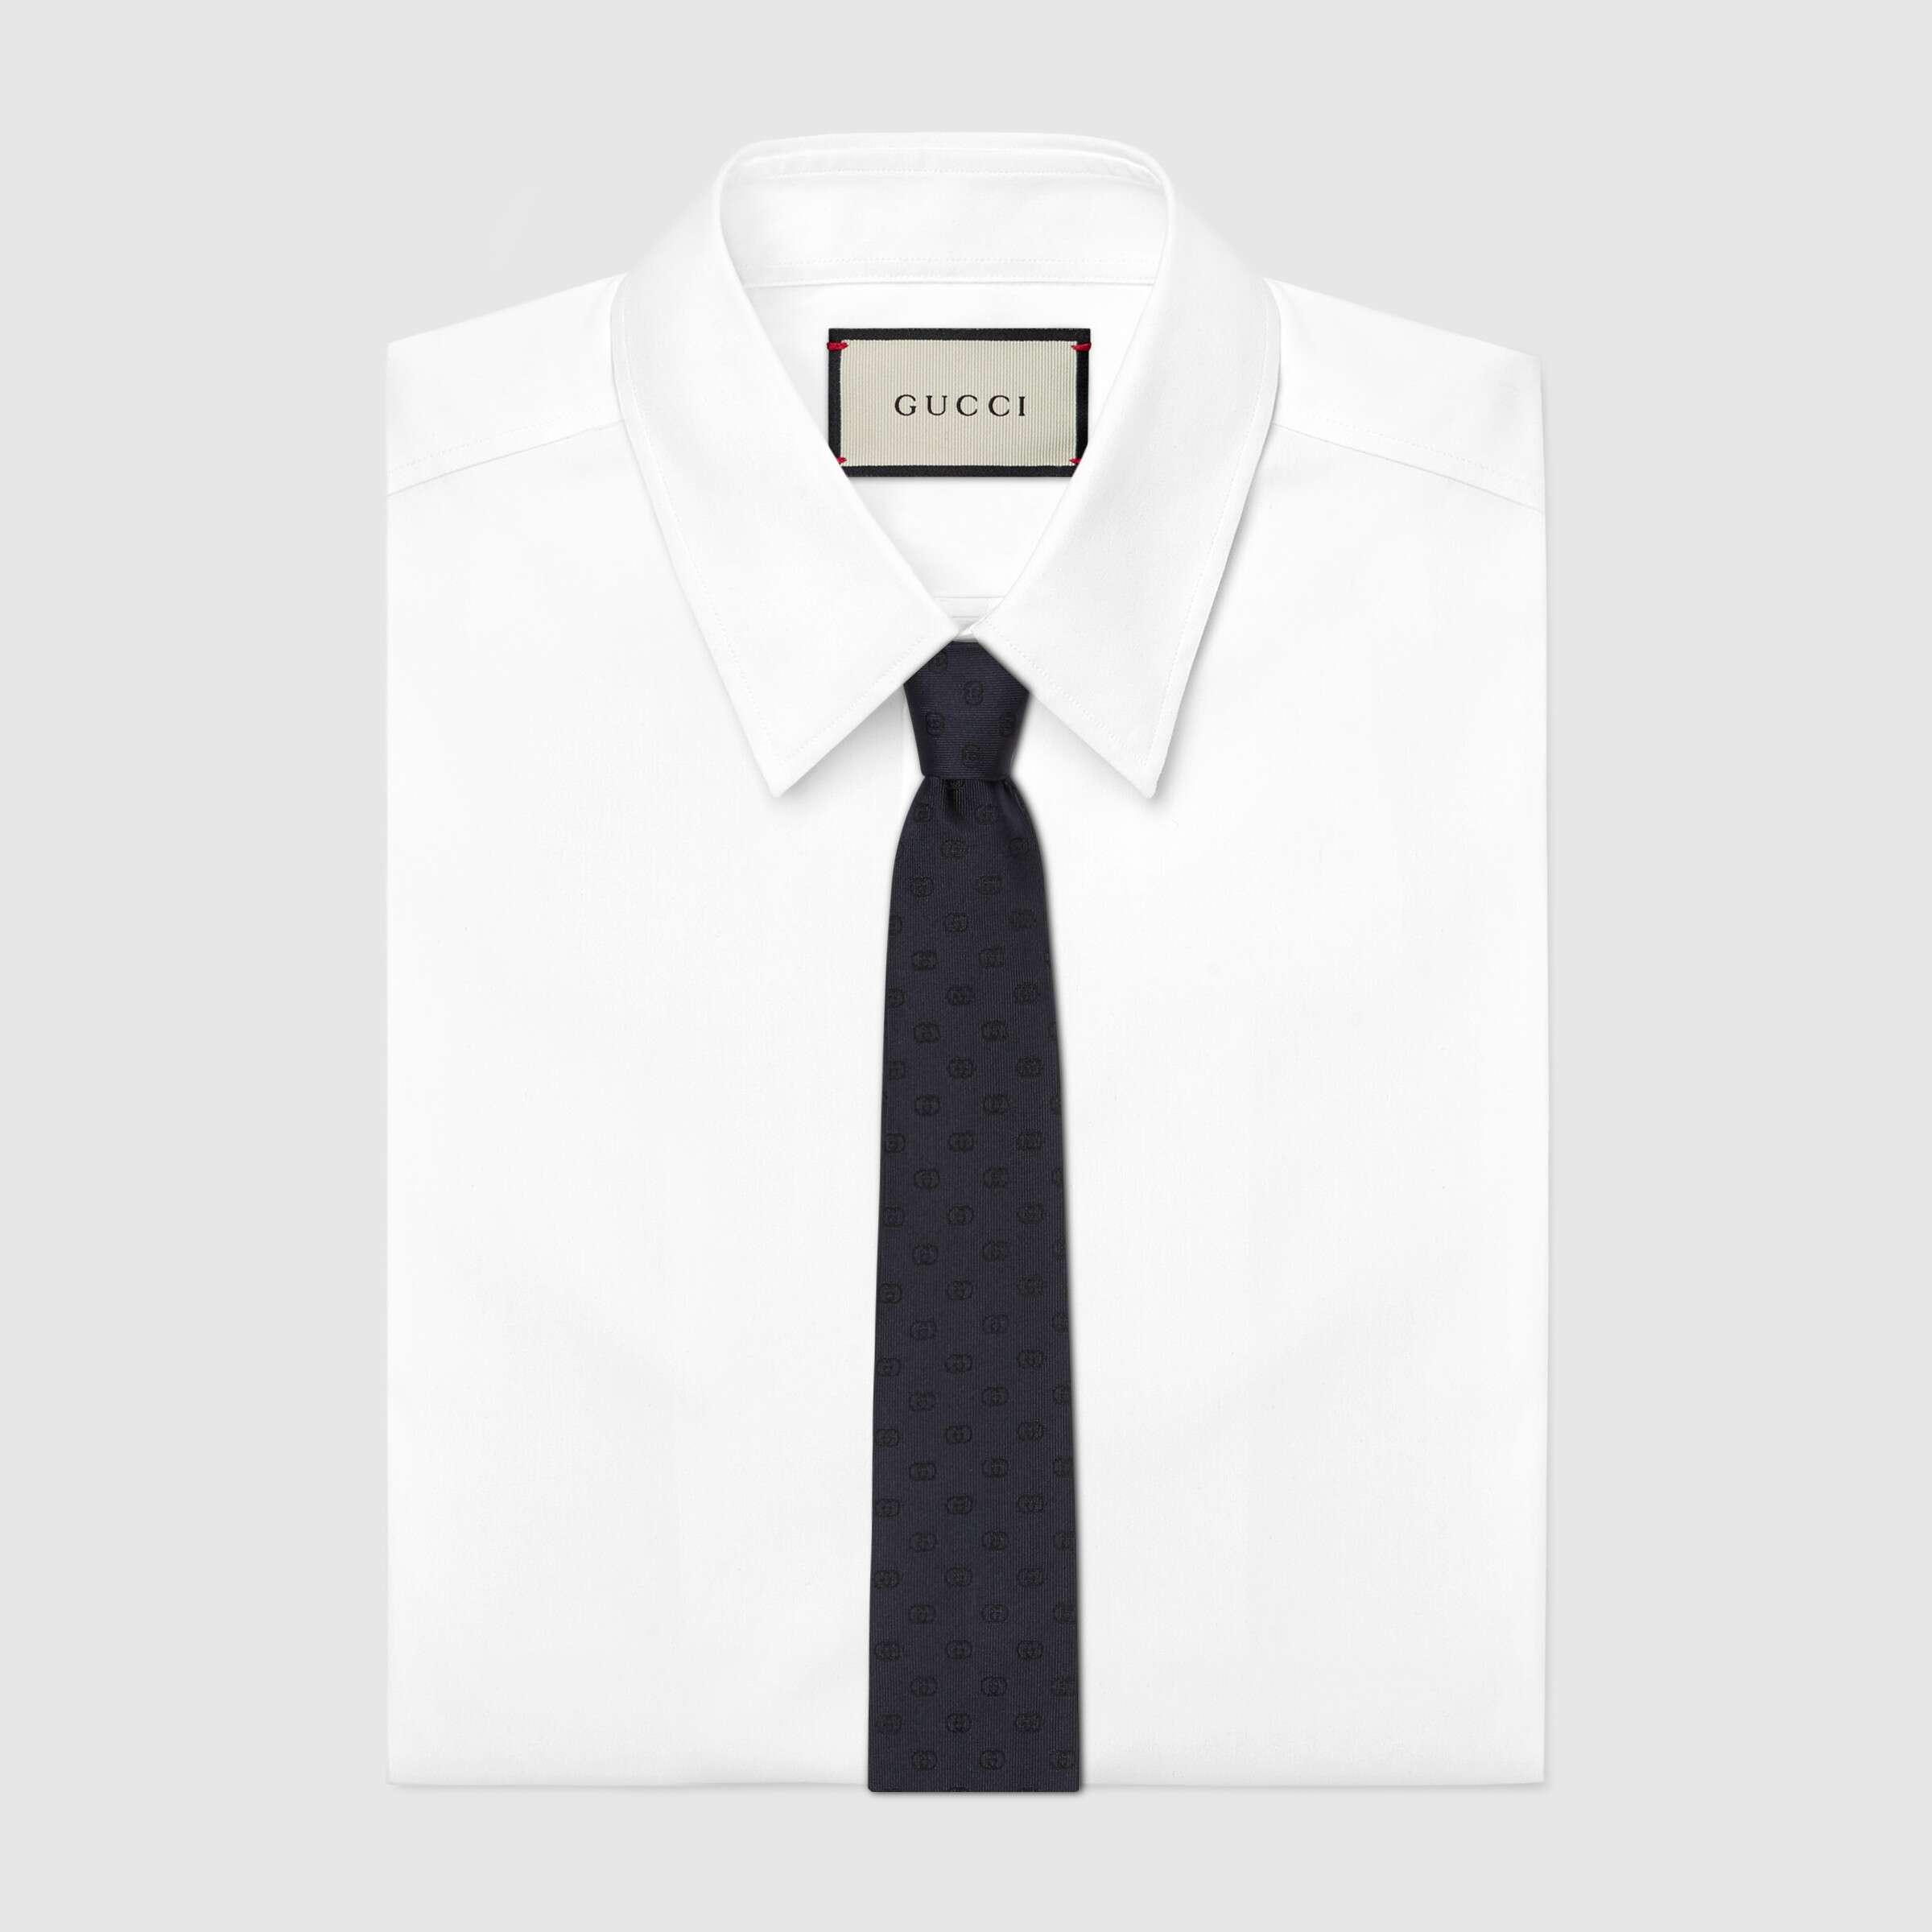 유럽직배송 구찌 GUCCI Gucci Interlocking G silk tie 6440014EAAB4100